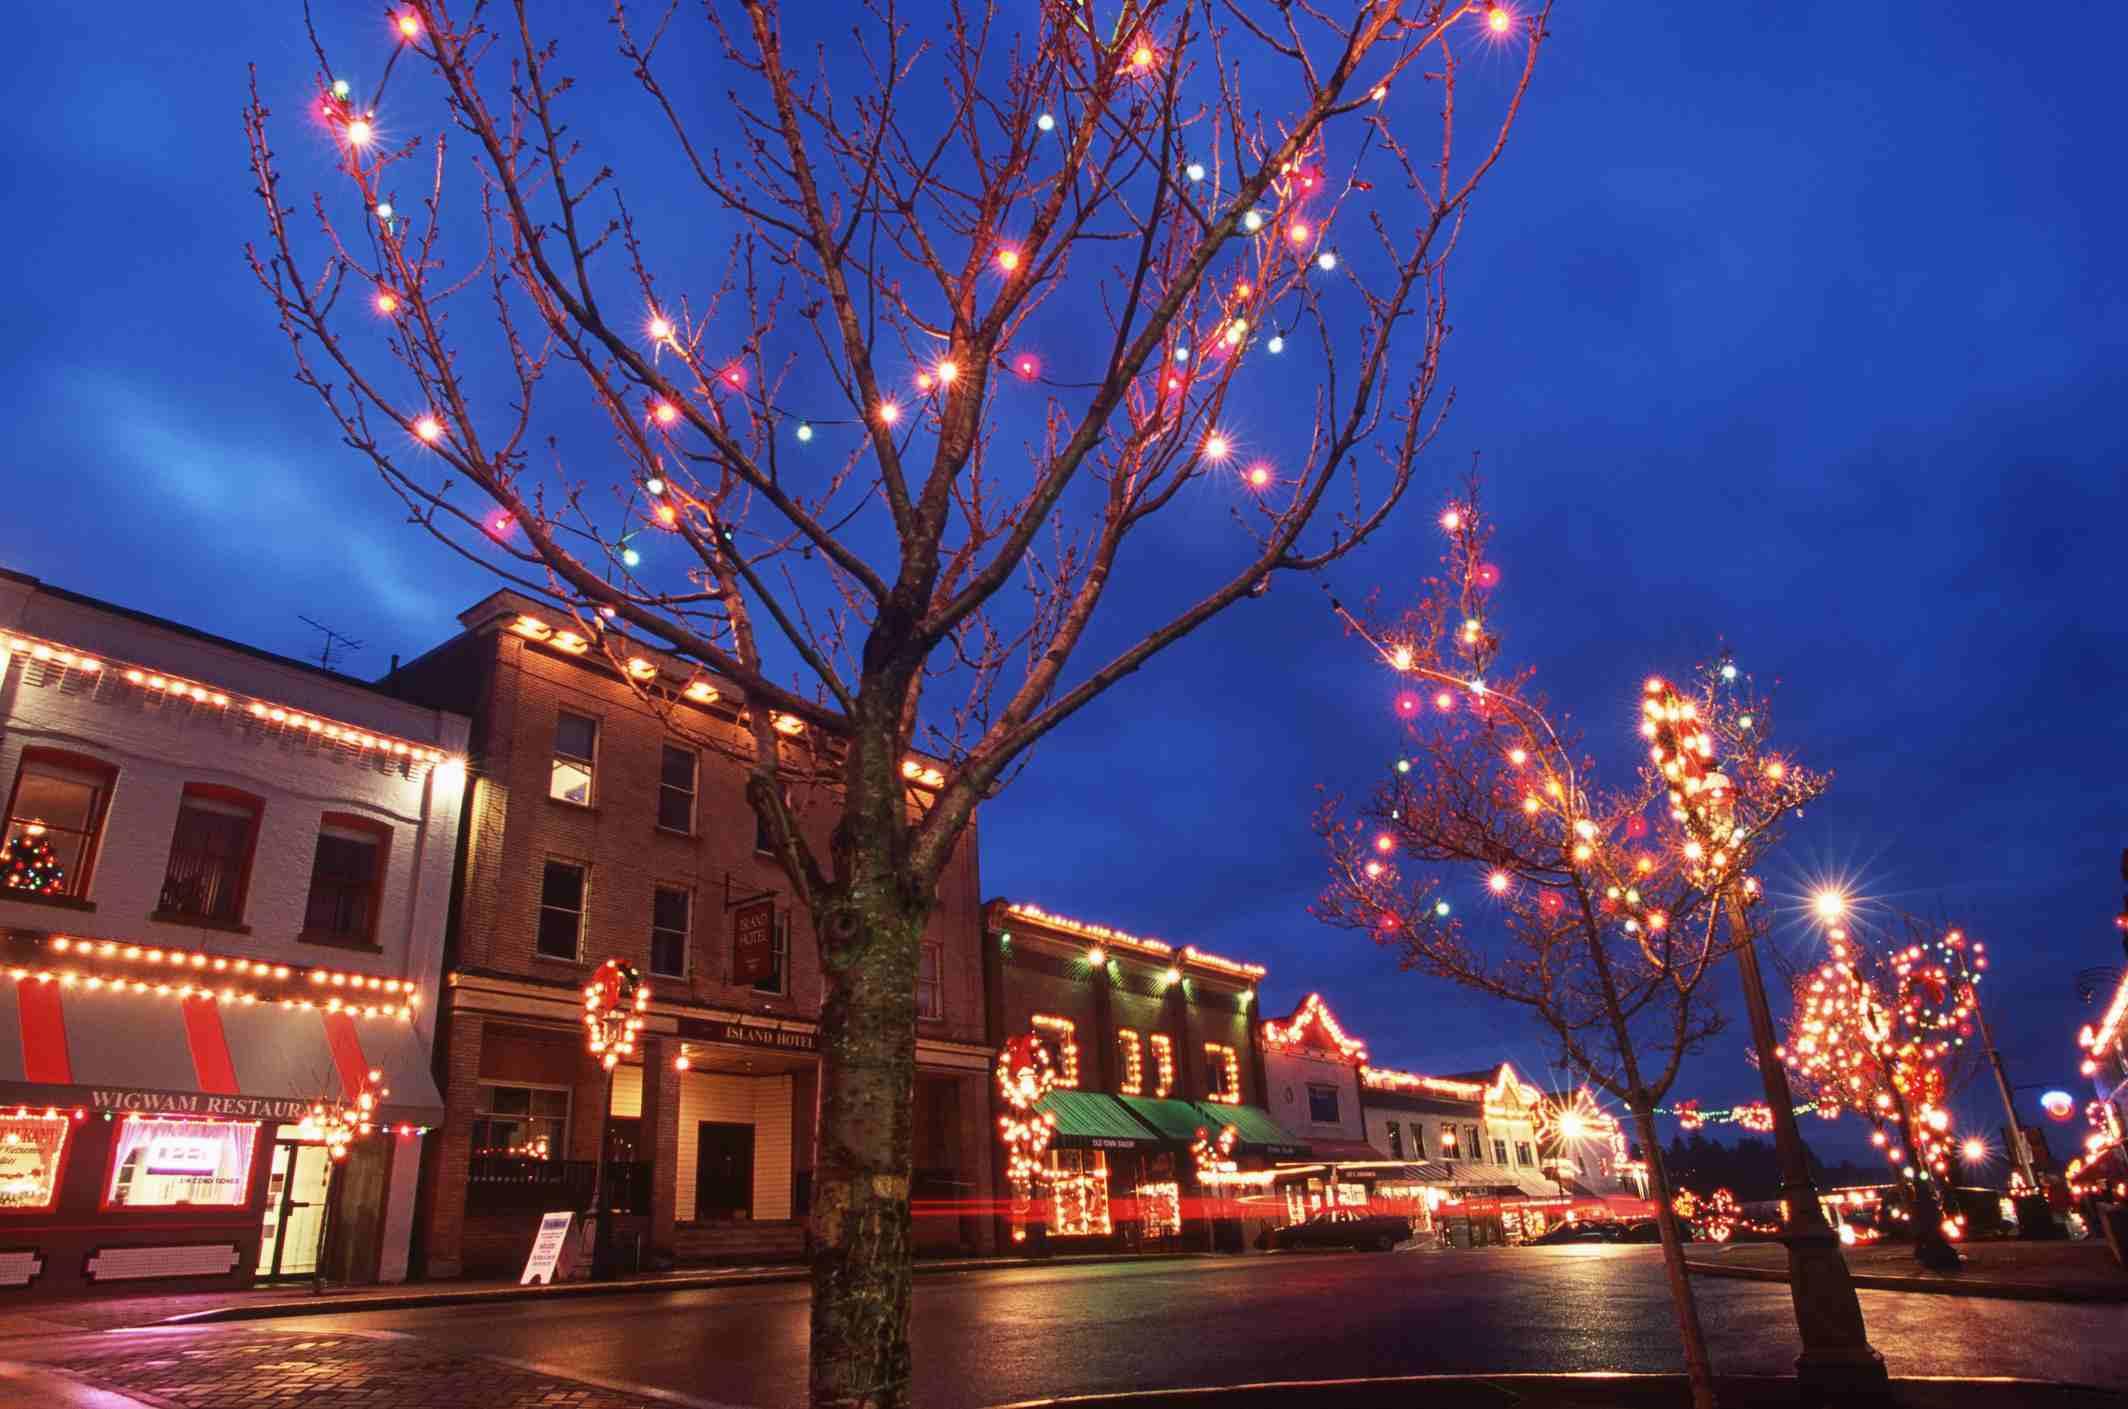 Winter light festival in Canada